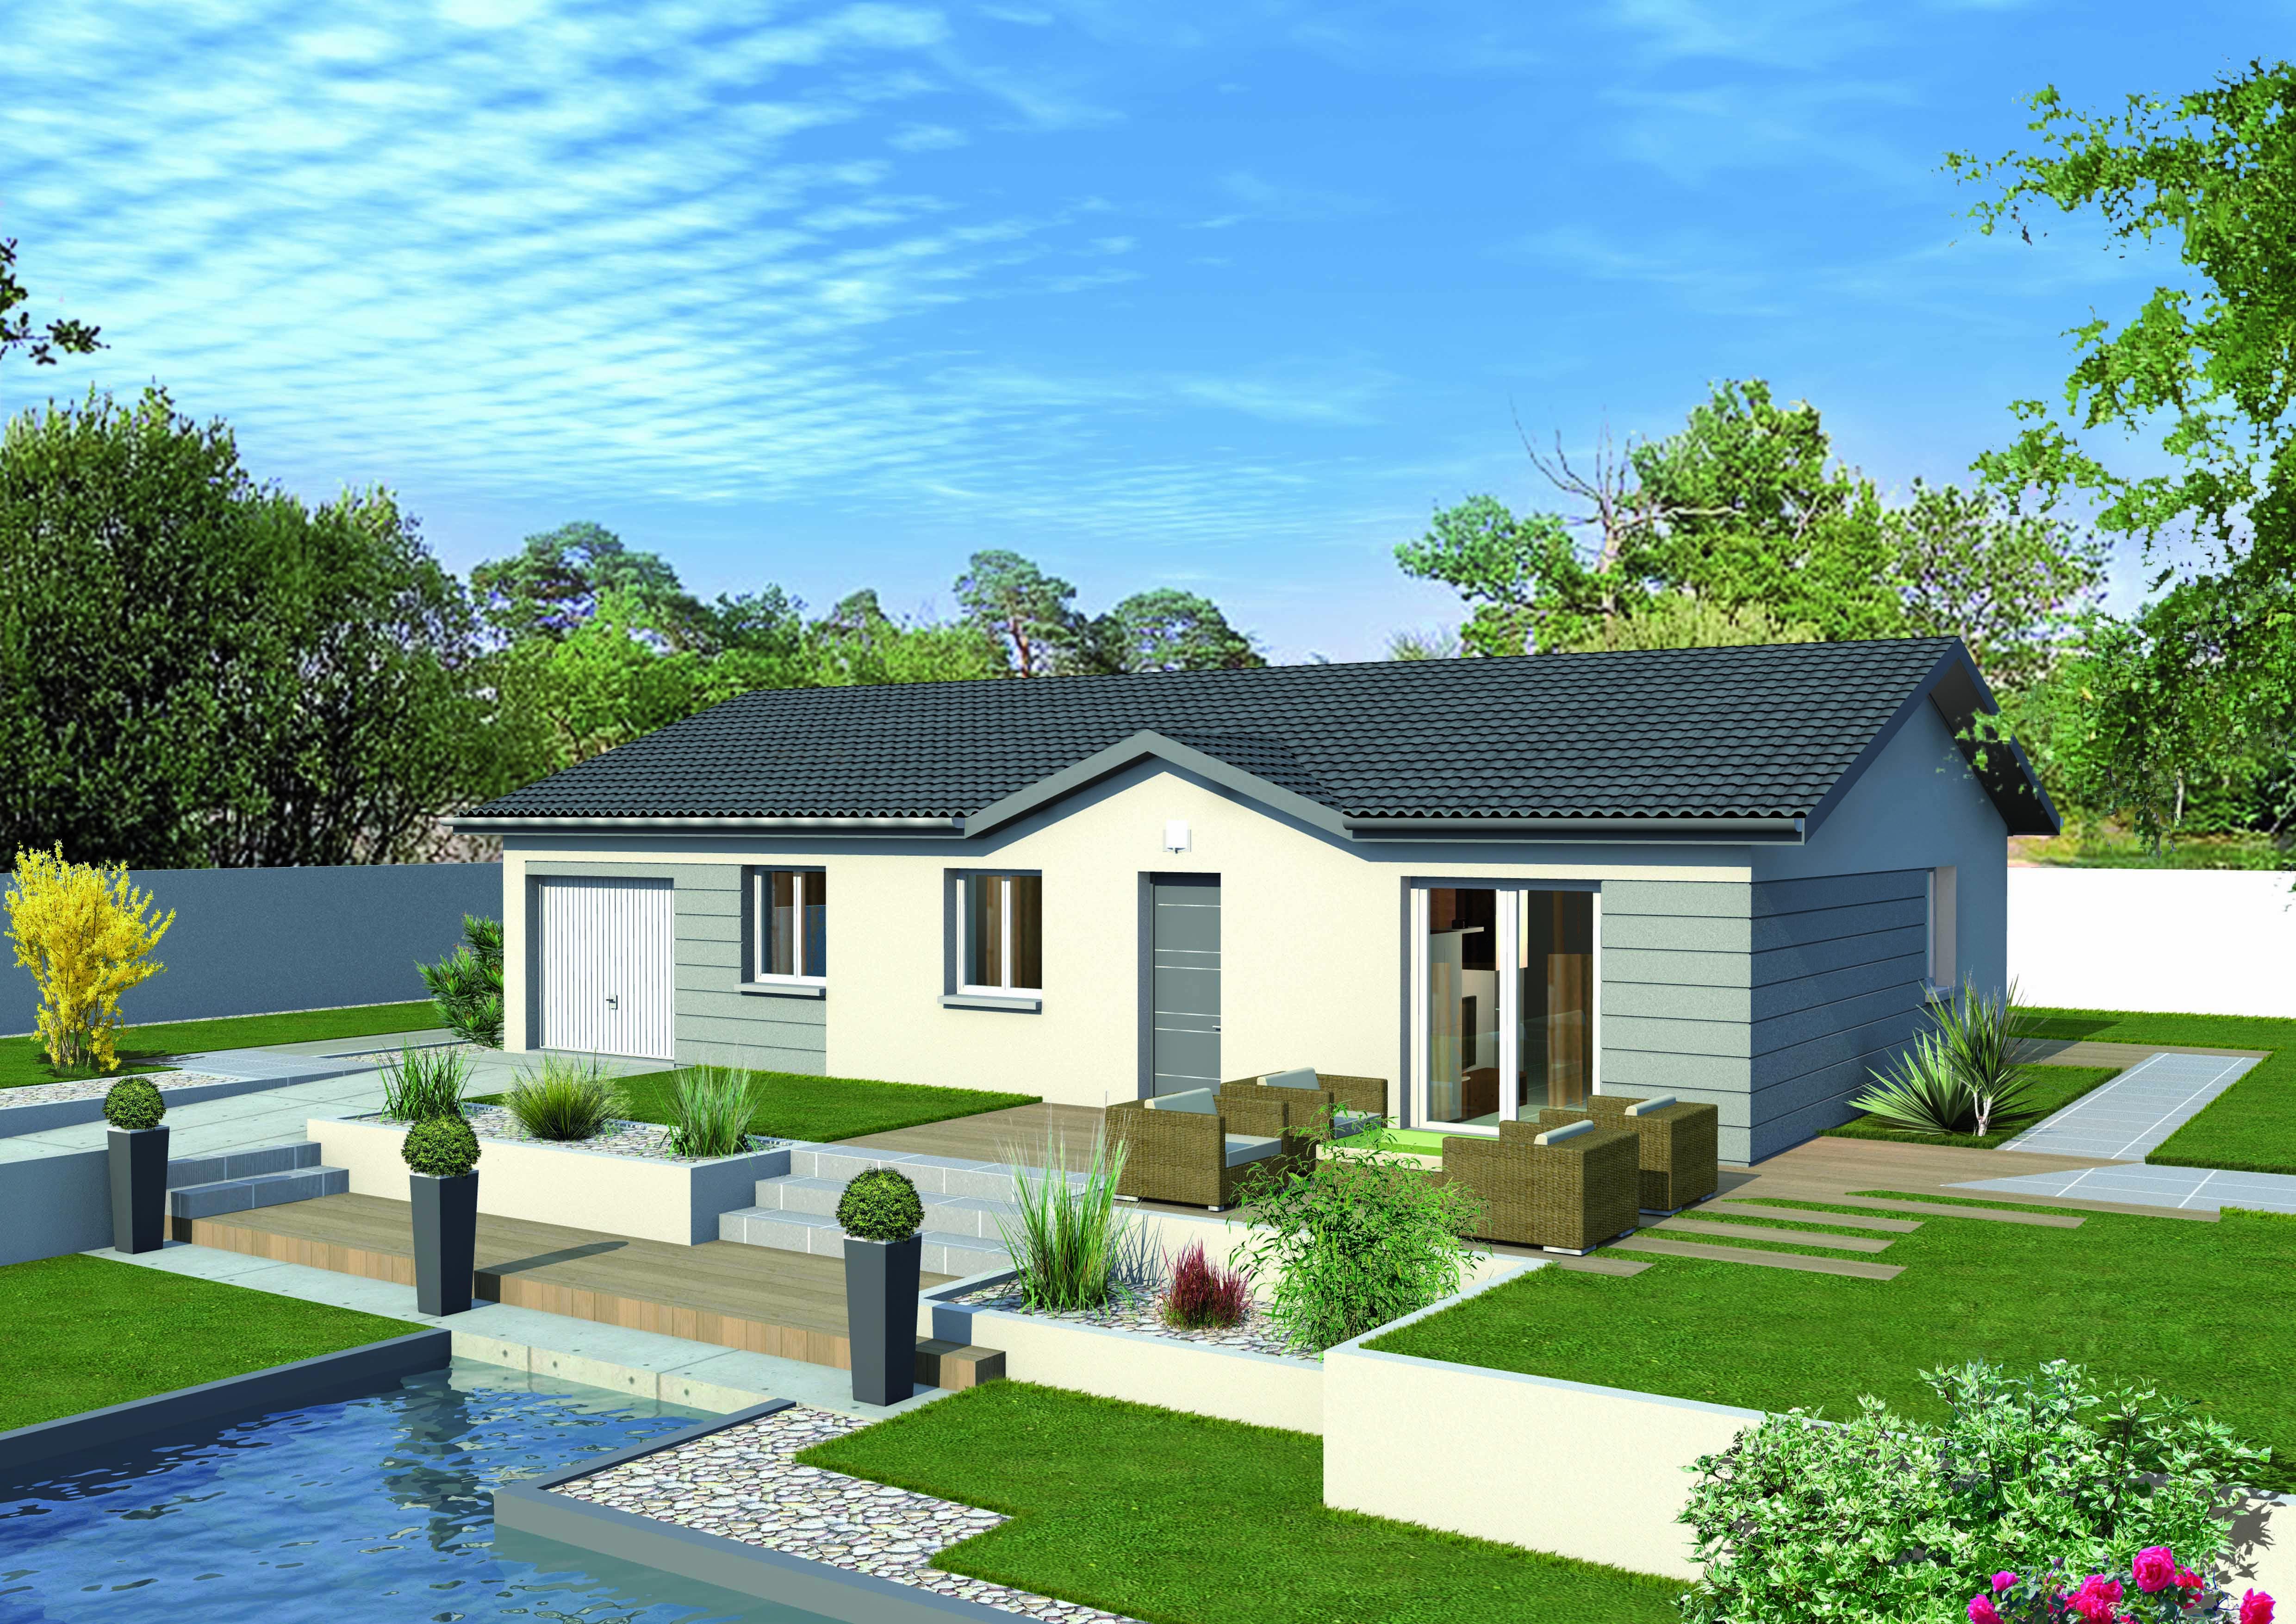 Maisons + Terrains du constructeur MAISONS PUNCH BOURGOIN • 91 m² • SAINT SAVIN